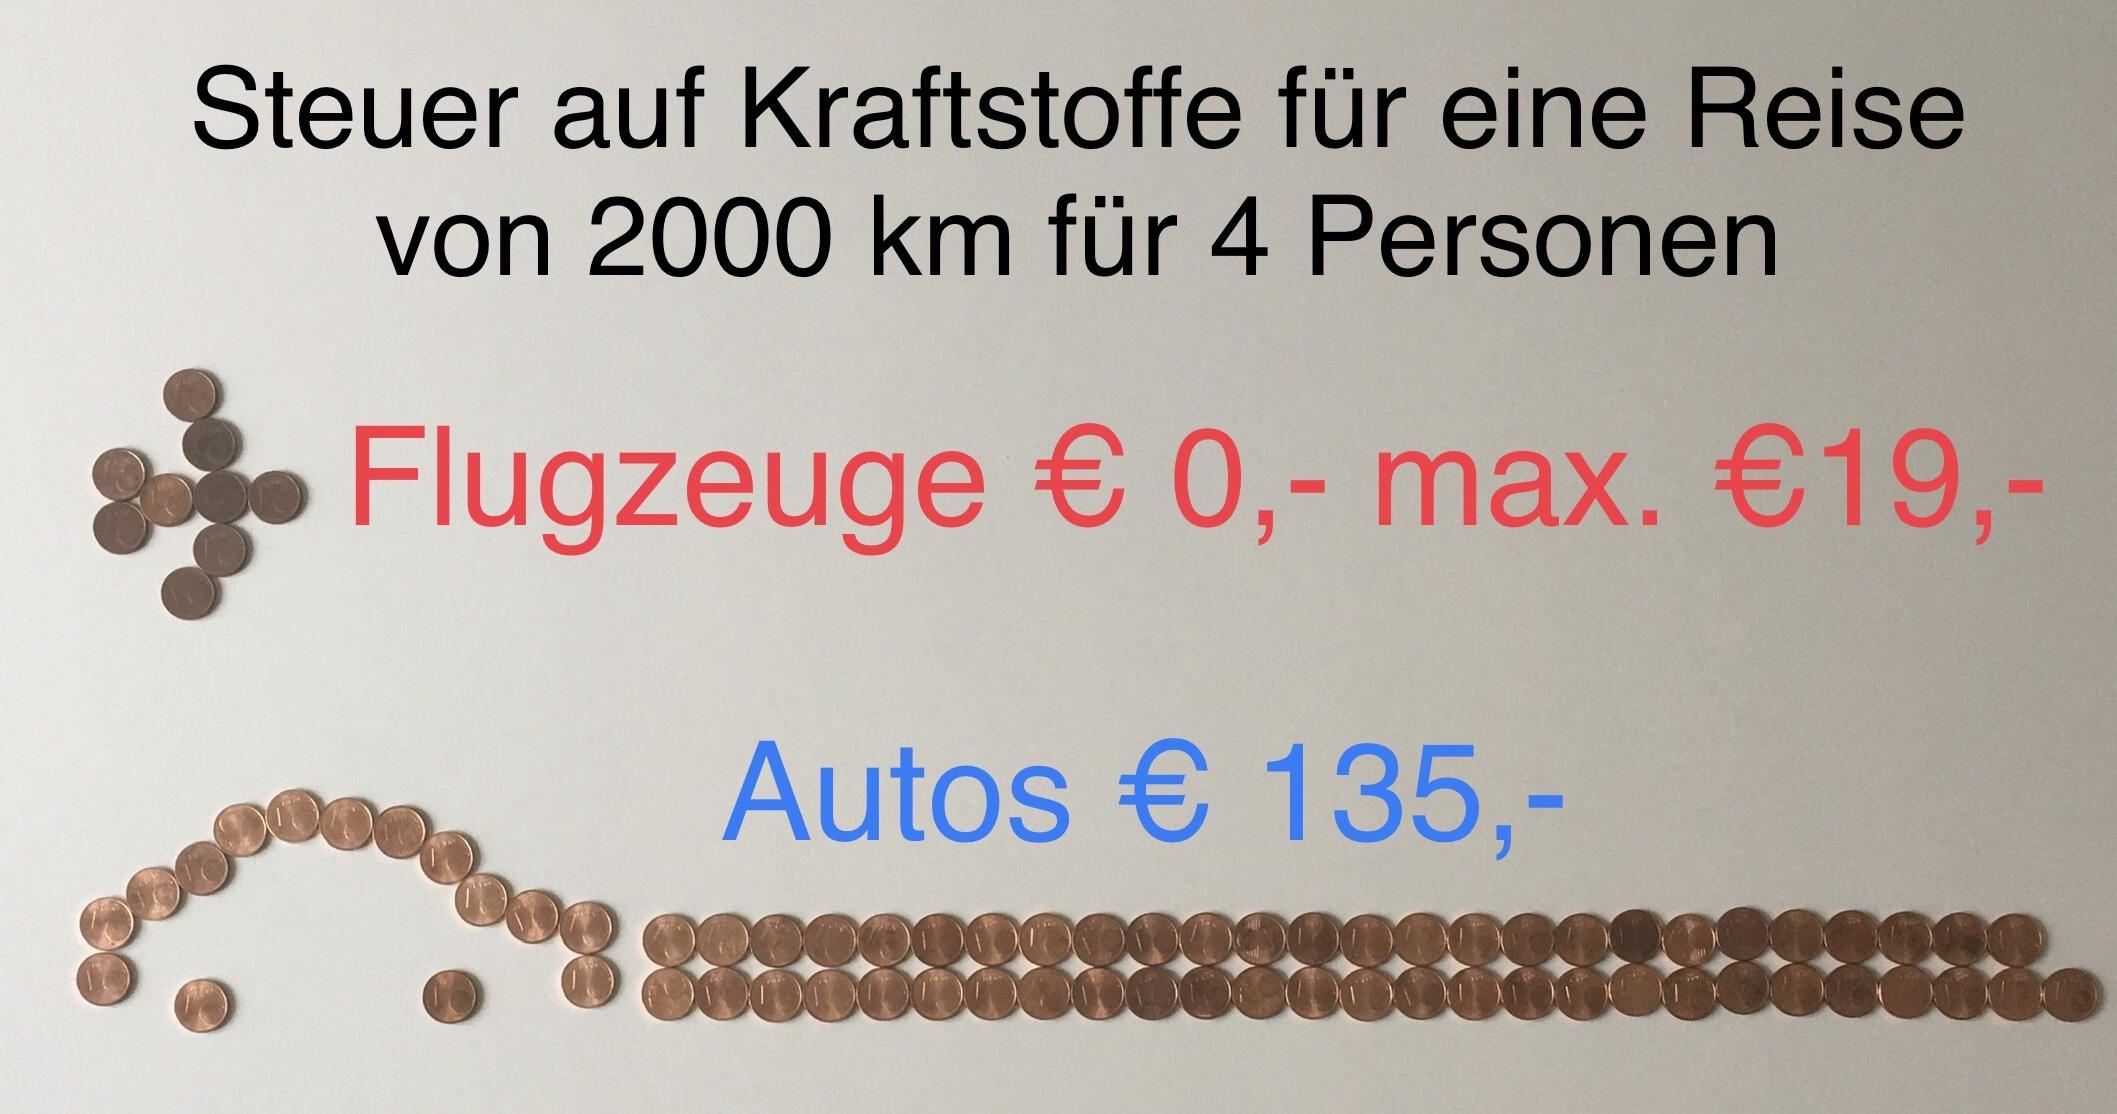 Steuer auf Kraftstoffe für eine Reise von 2000 km für 4 Personen